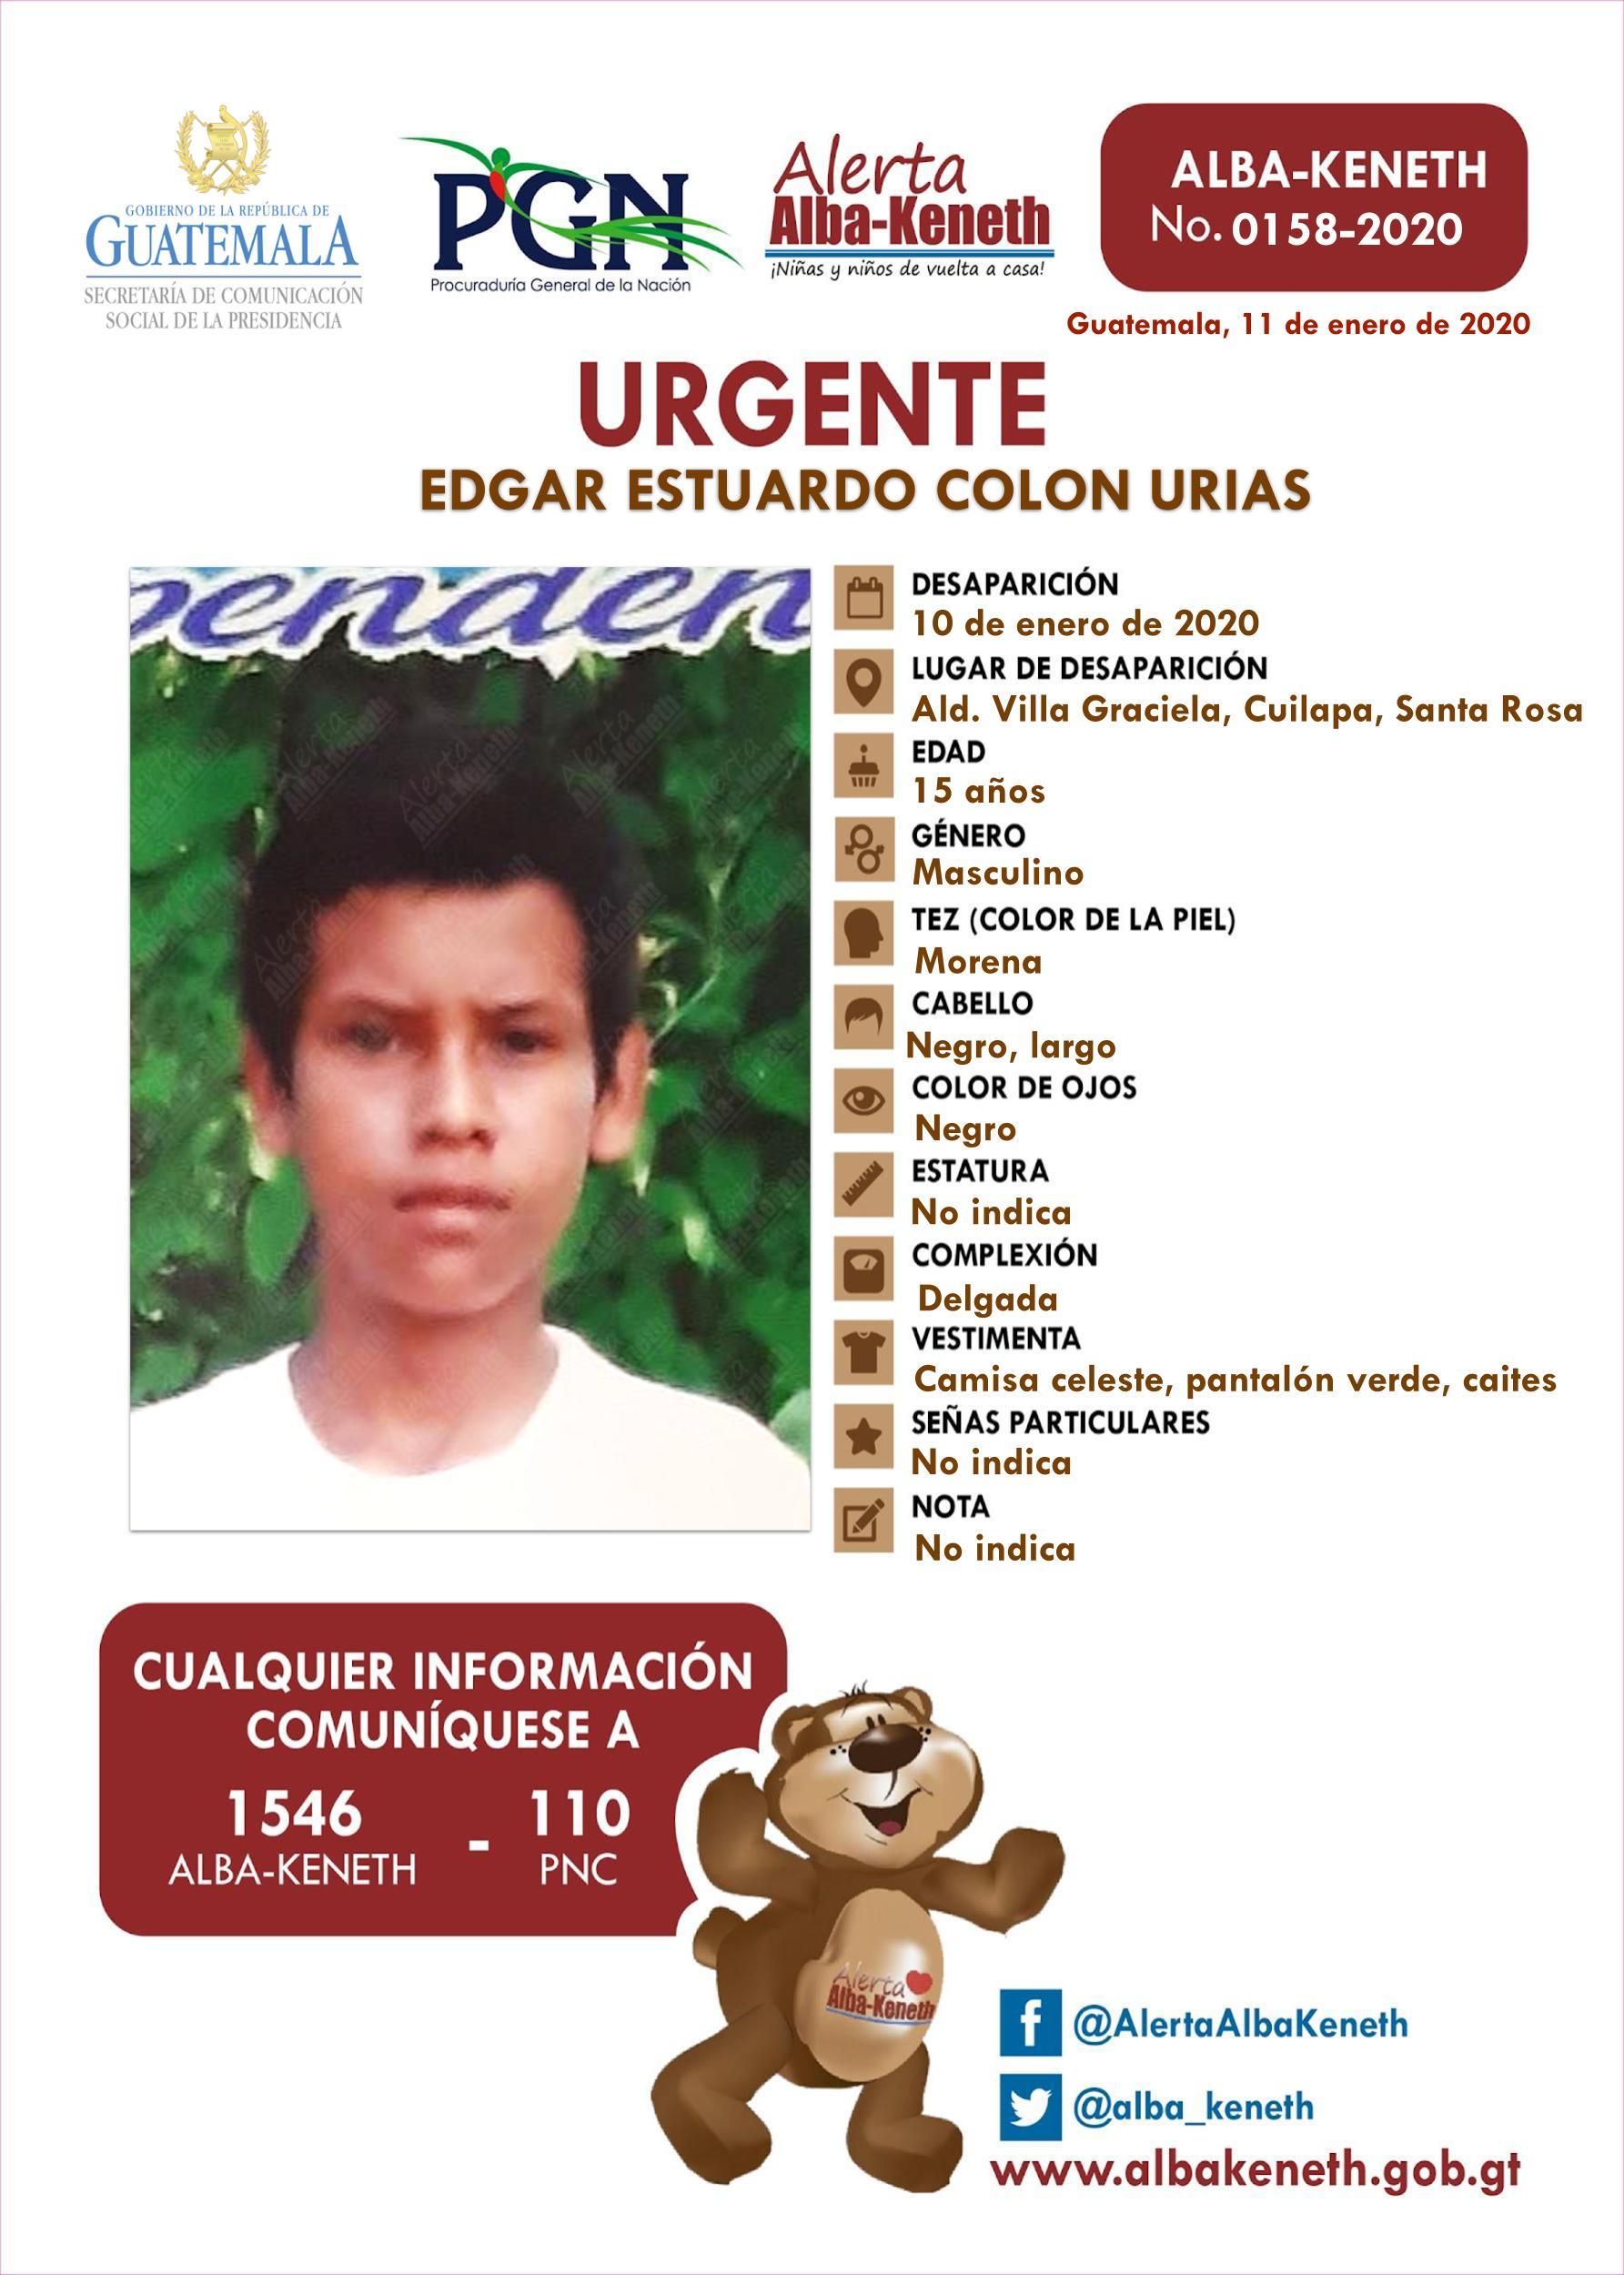 Edgar Estuardo Colon Urias